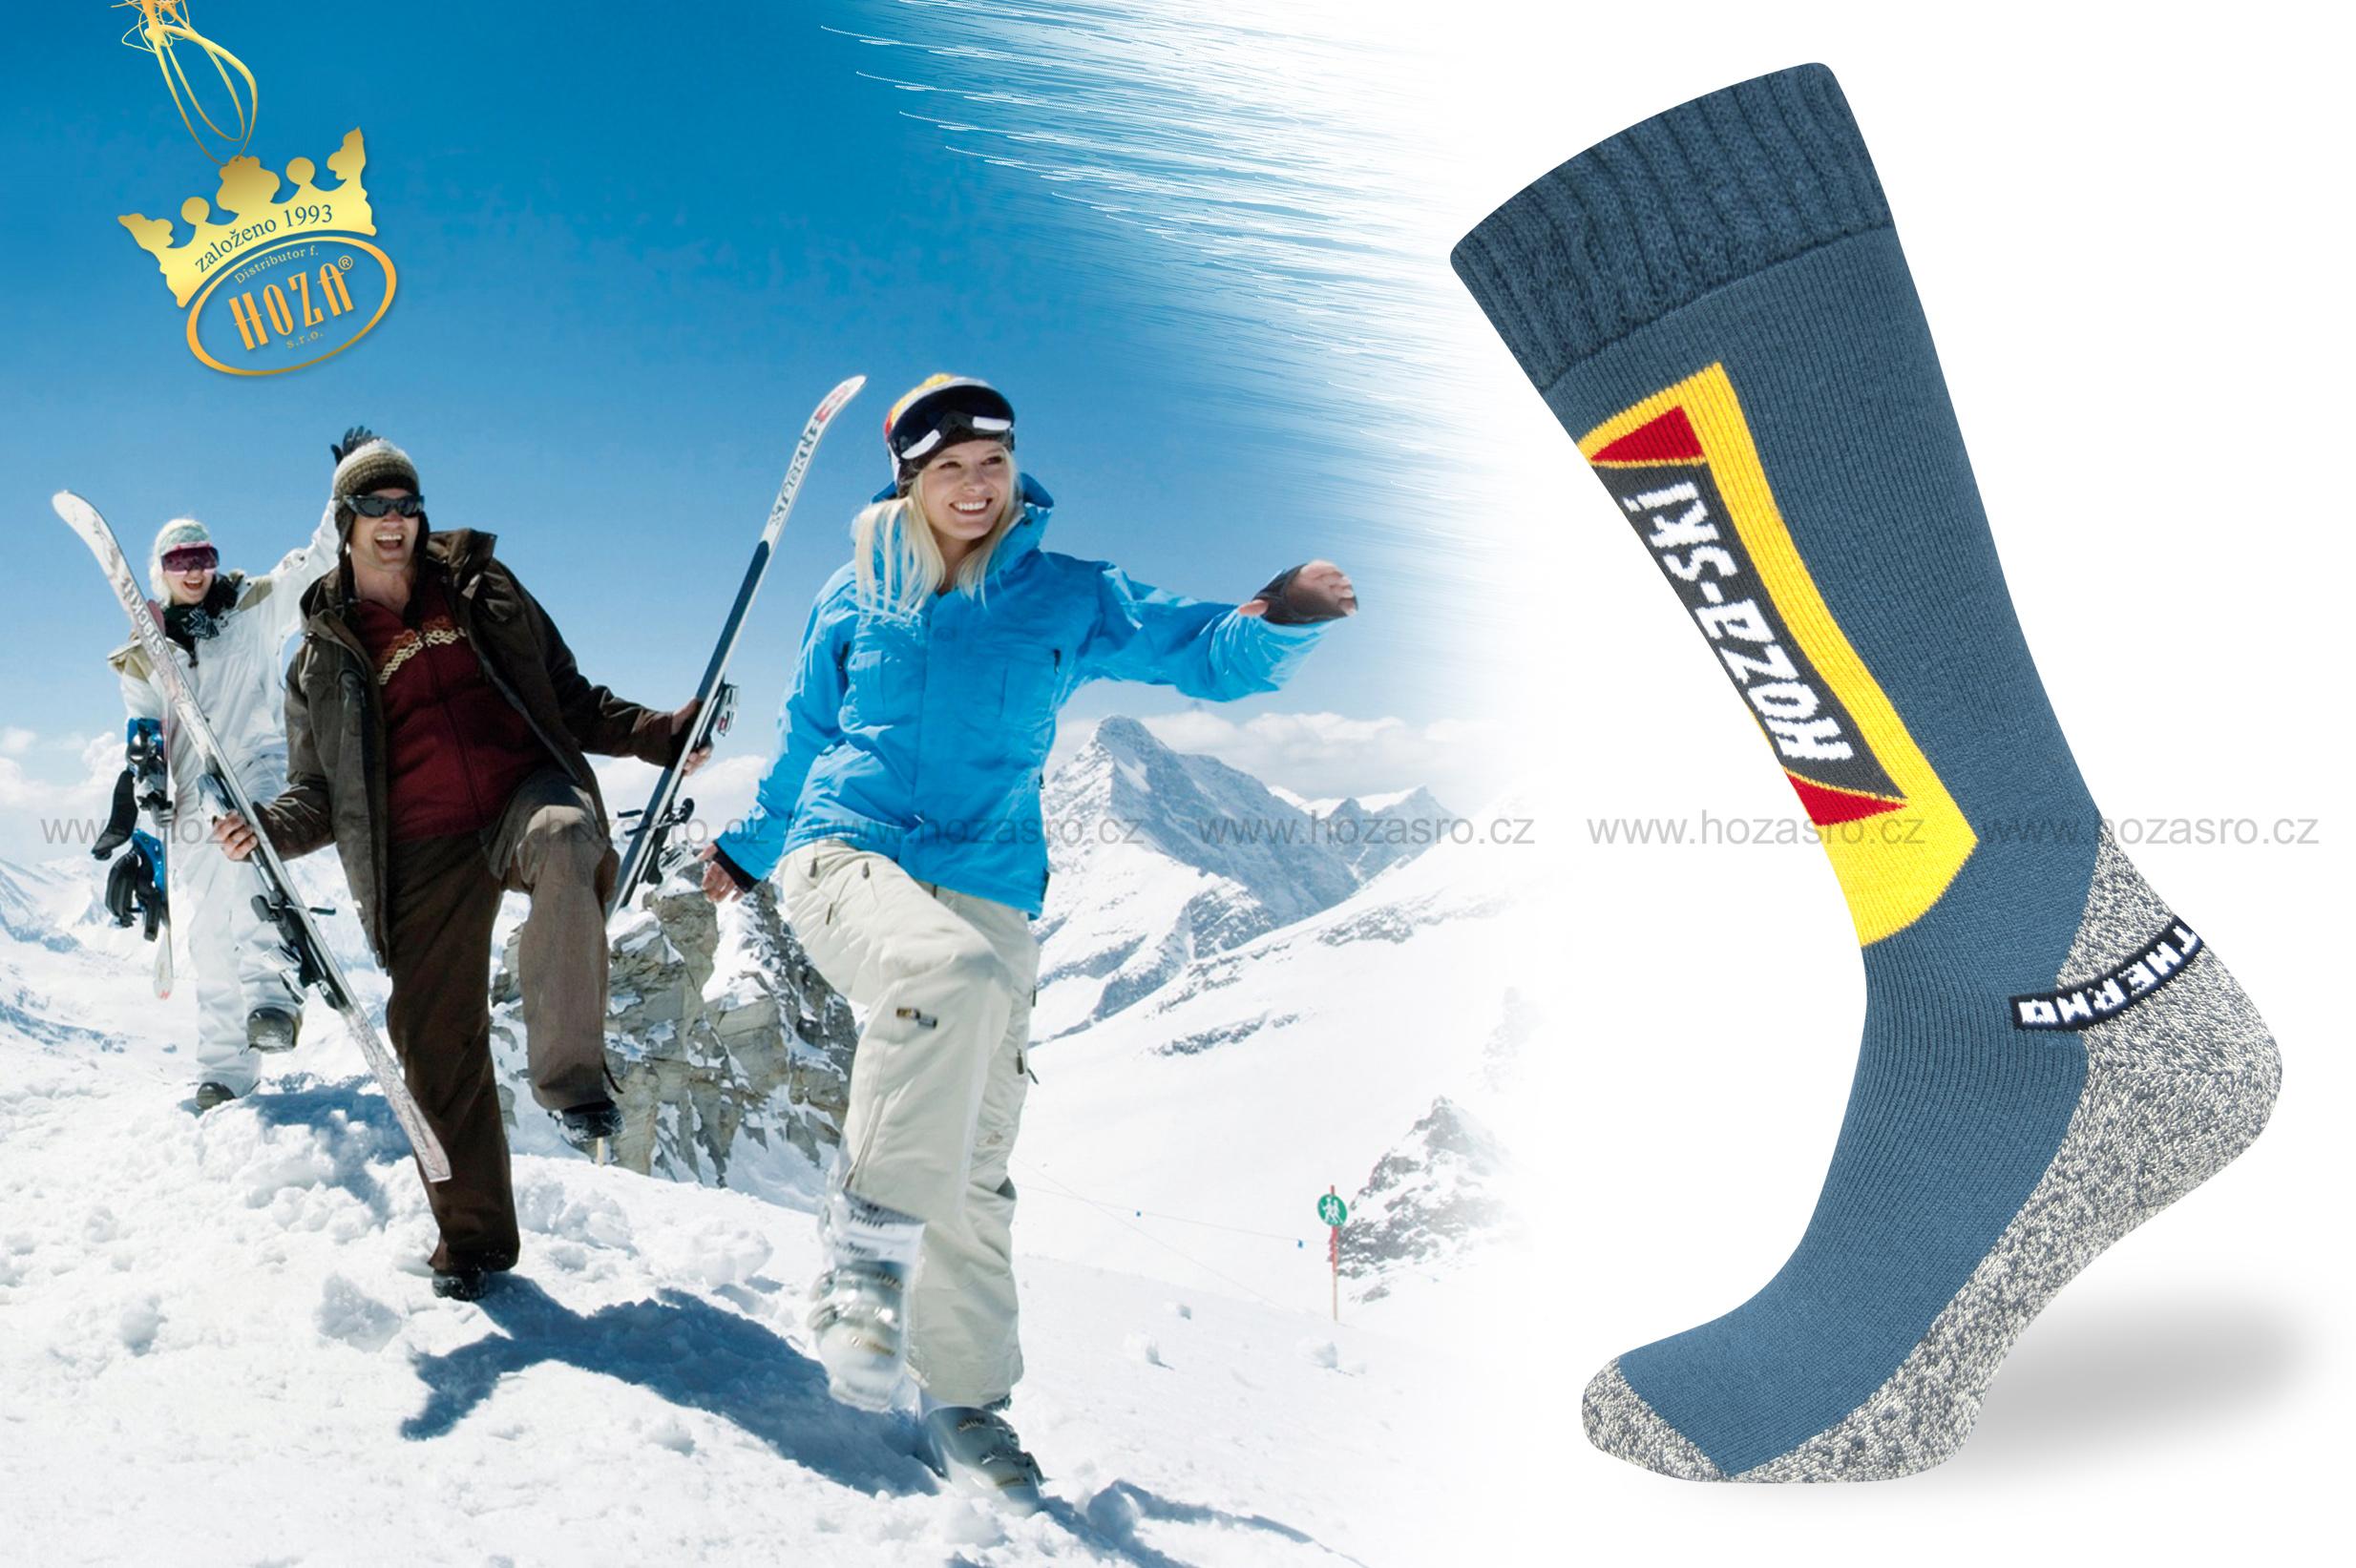 Ponožky pro dospělé » Ponožky zimní - 6b6df18dc0